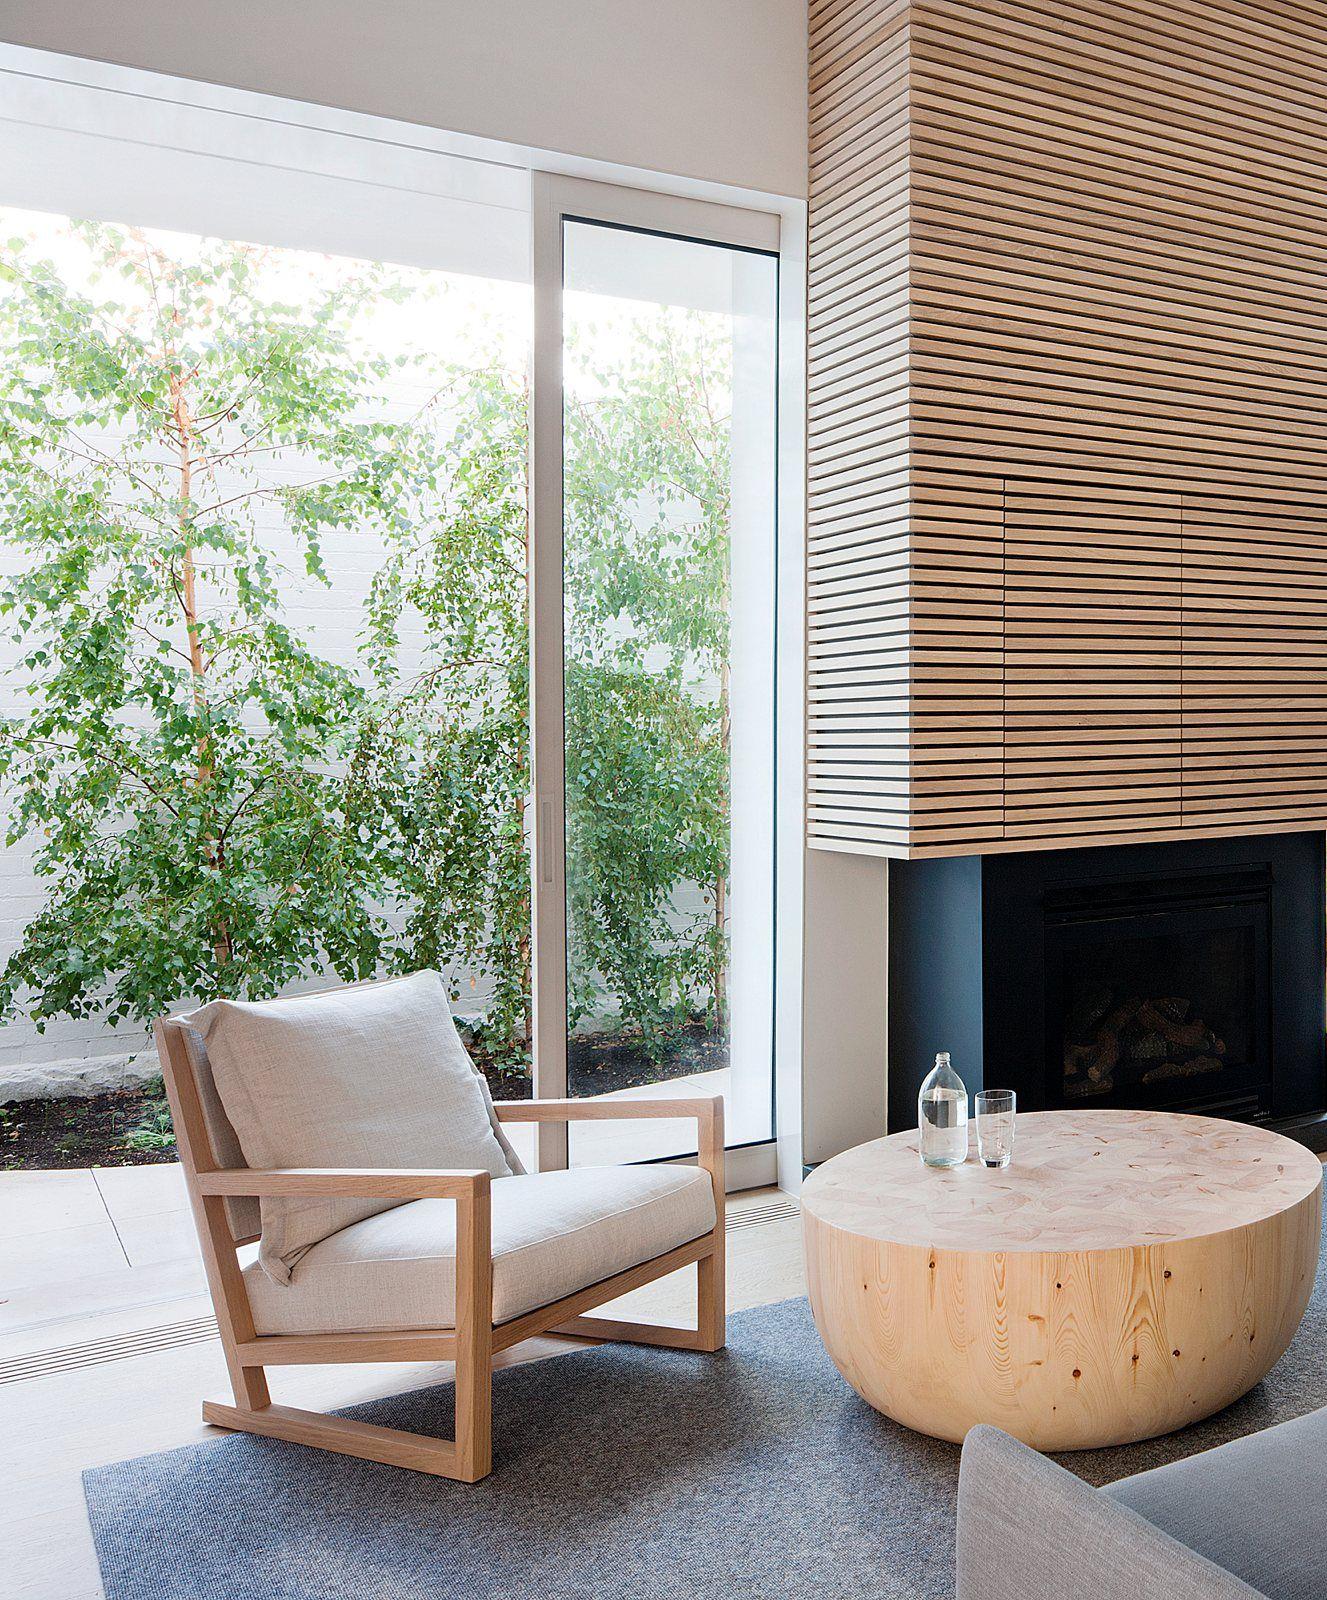 sydney prix australien du design d 39 int rieur 2015 pour cet int rieur pinterest sydney. Black Bedroom Furniture Sets. Home Design Ideas